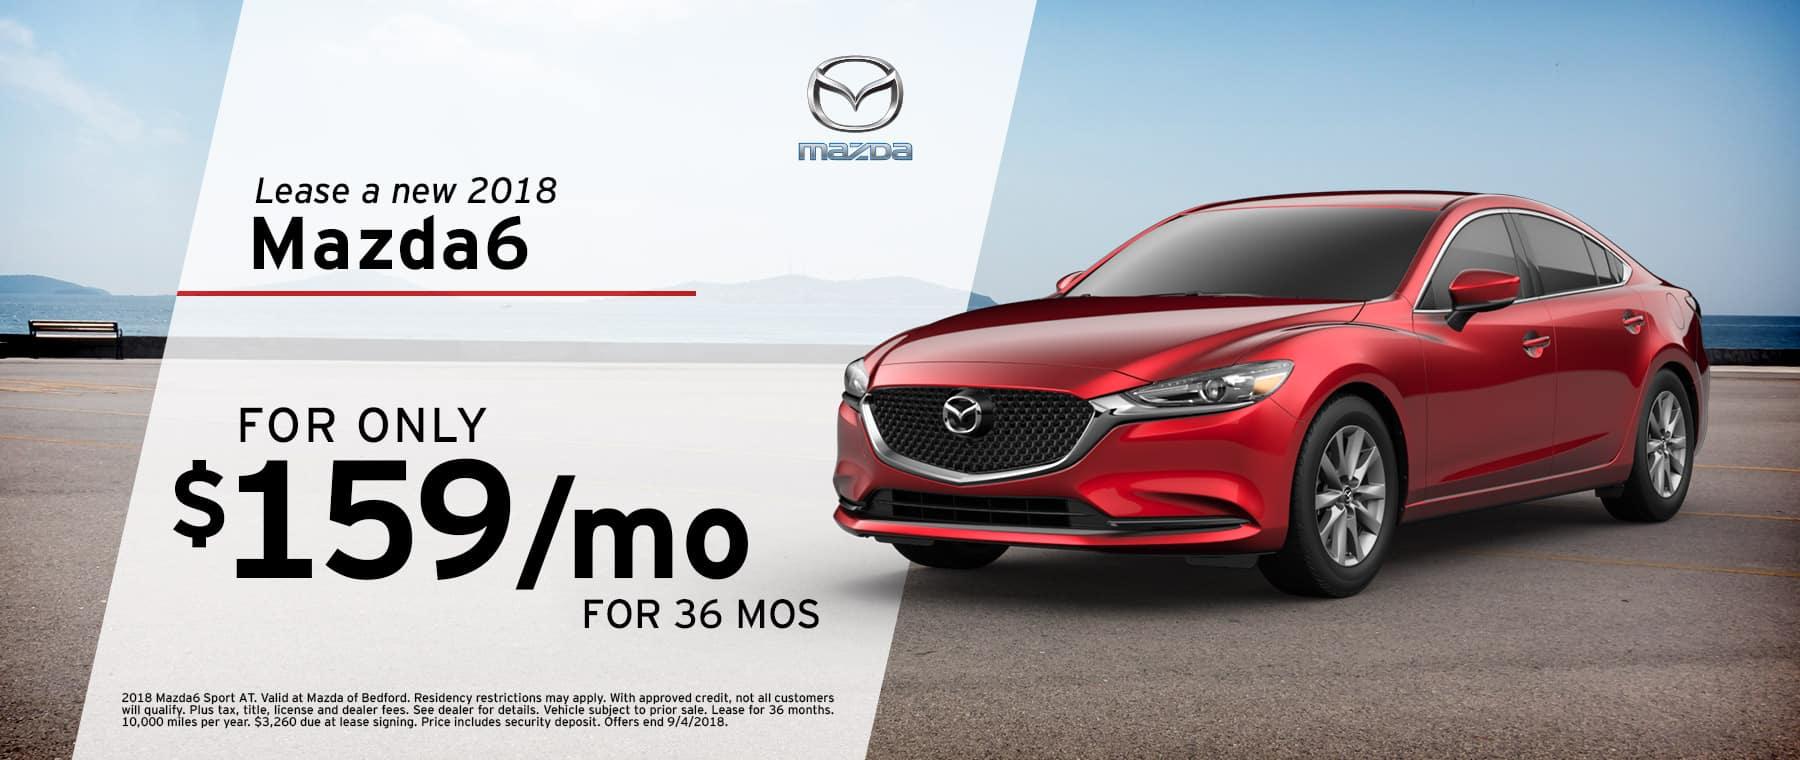 Mazda6 | Mazda of Bedford